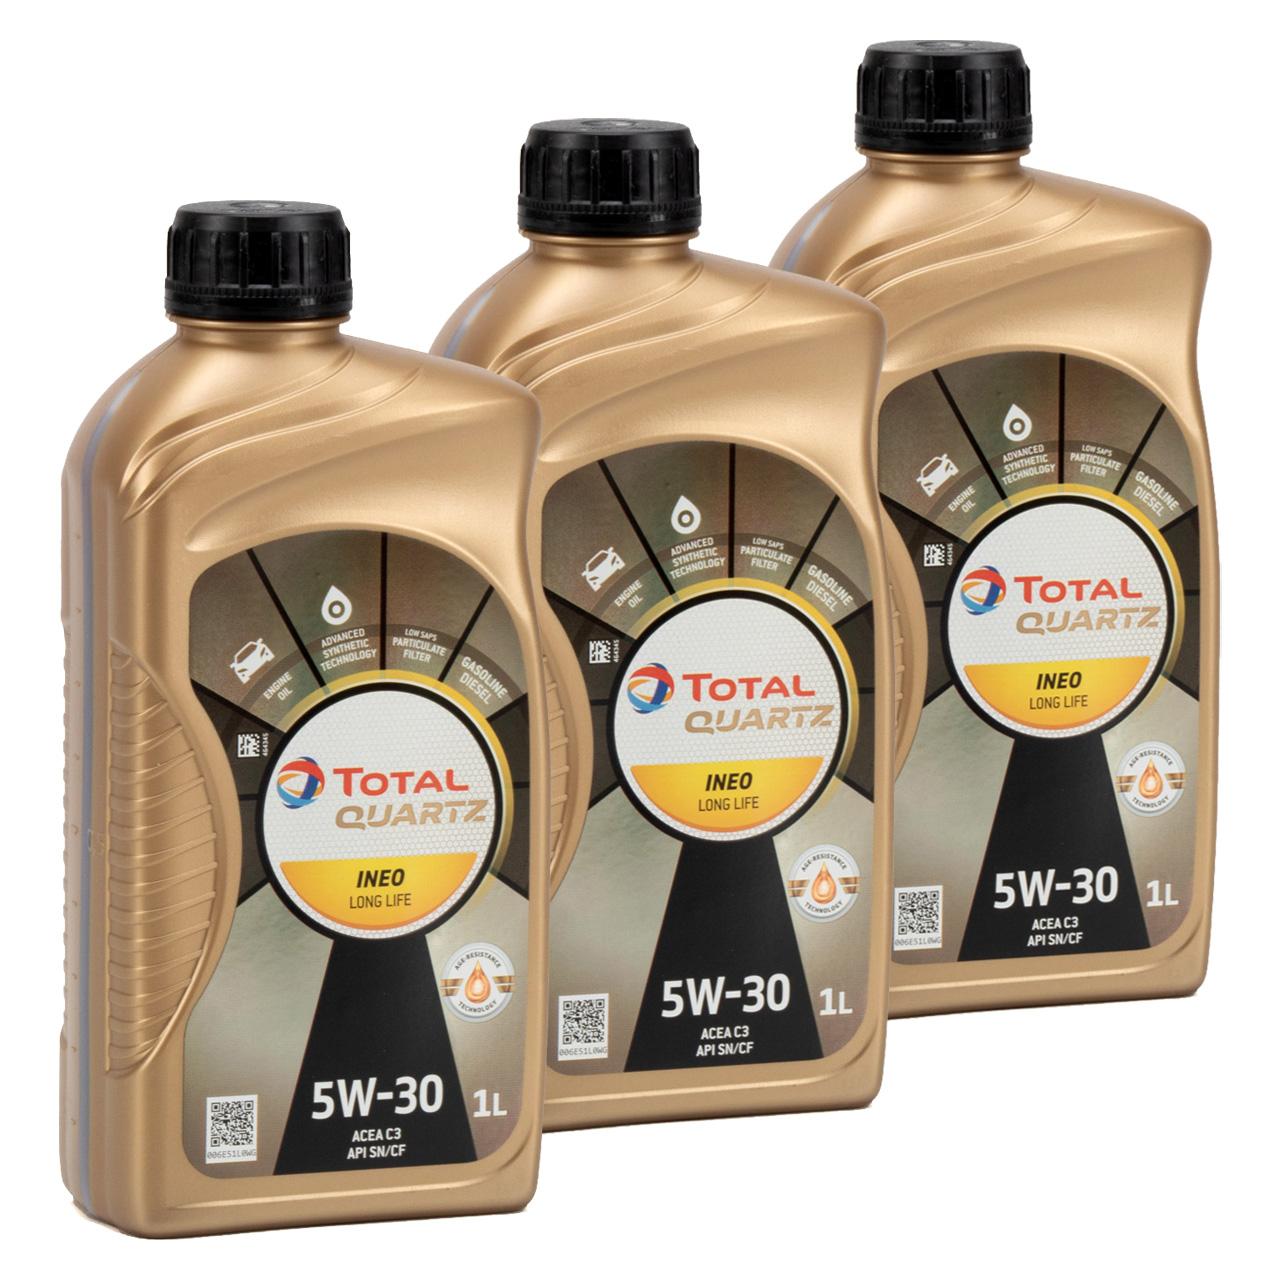 TOTAL QUARTZ INEO LONGLIFE 5W30 Motoröl Öl VW 504/507.00 MB 229.51 - 3L 3 Liter